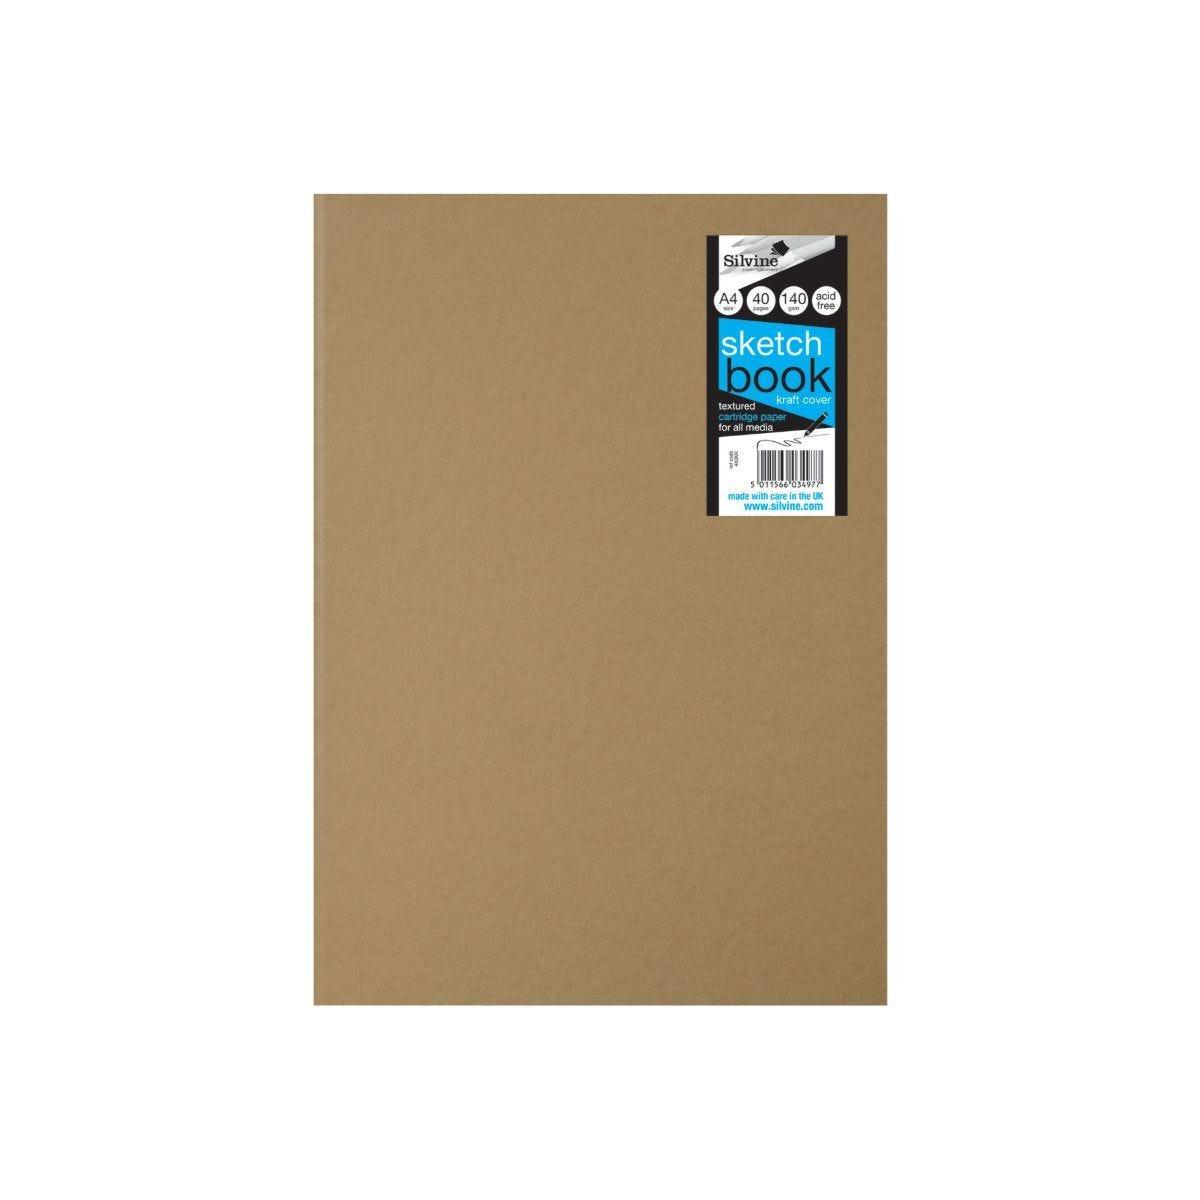 Silvine Sketch Book A4 Kraft